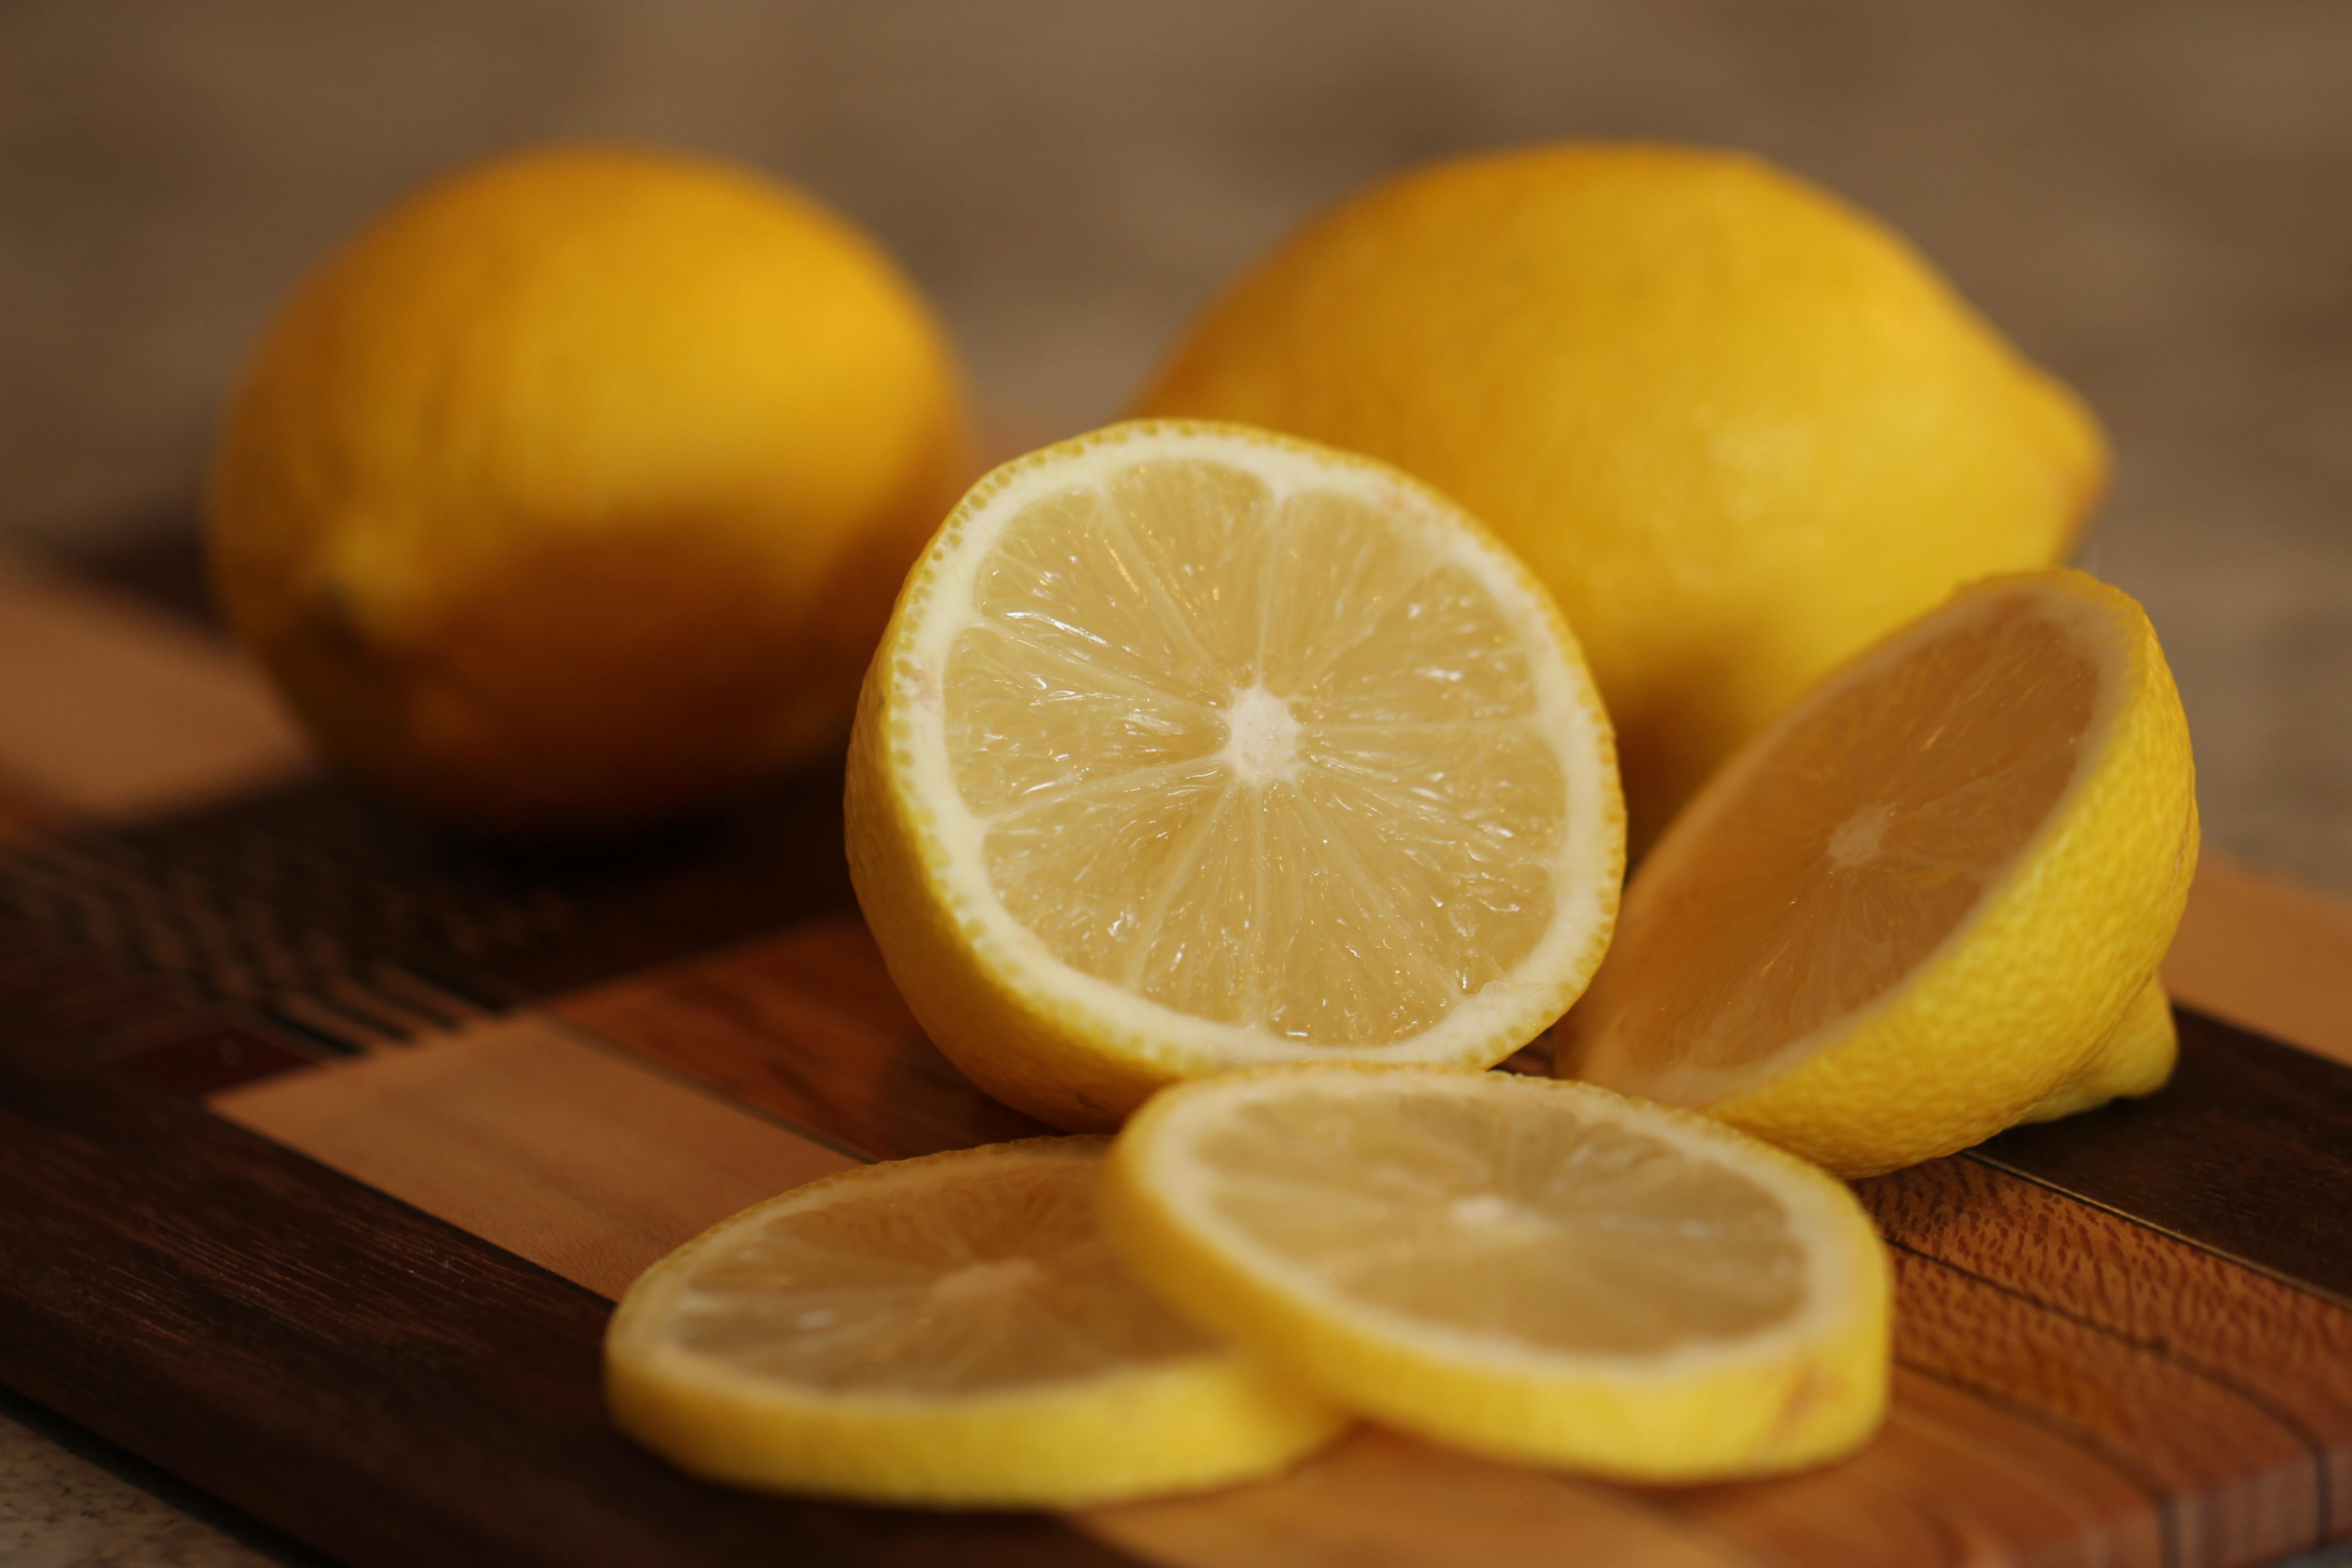 Darmowe Zdjecia Owoc Pomaranczowy Jedzenie Zielony Gotowanie